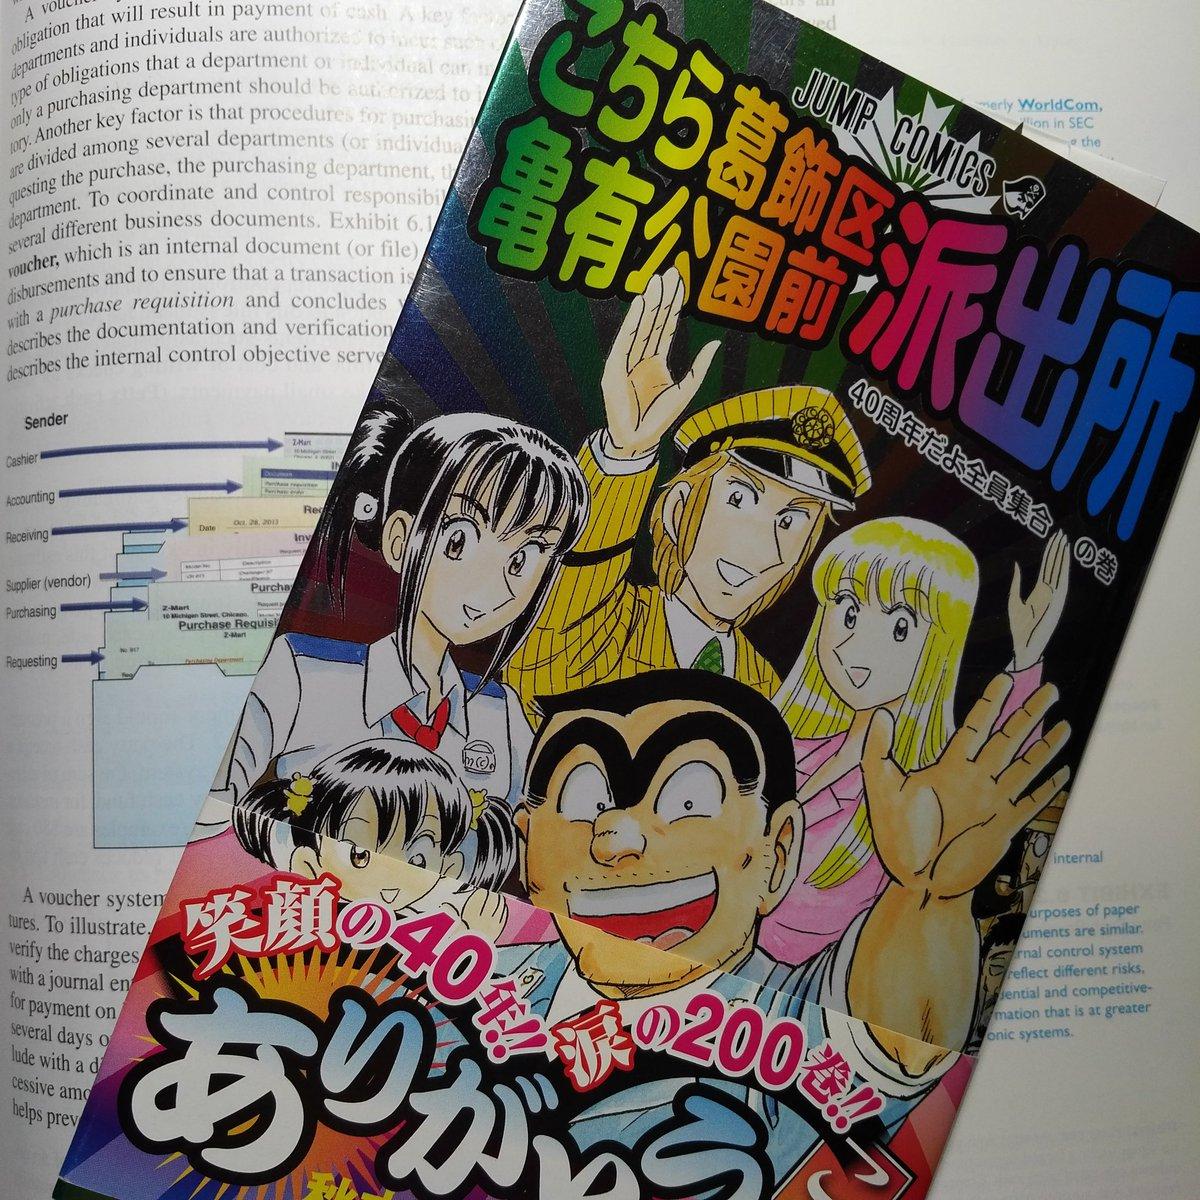 いえーーーす!日本からの贈り物にこち亀最終巻入ってた!勉強に宿題しなければだが、気になっちゃうぜい!w 🤓✌